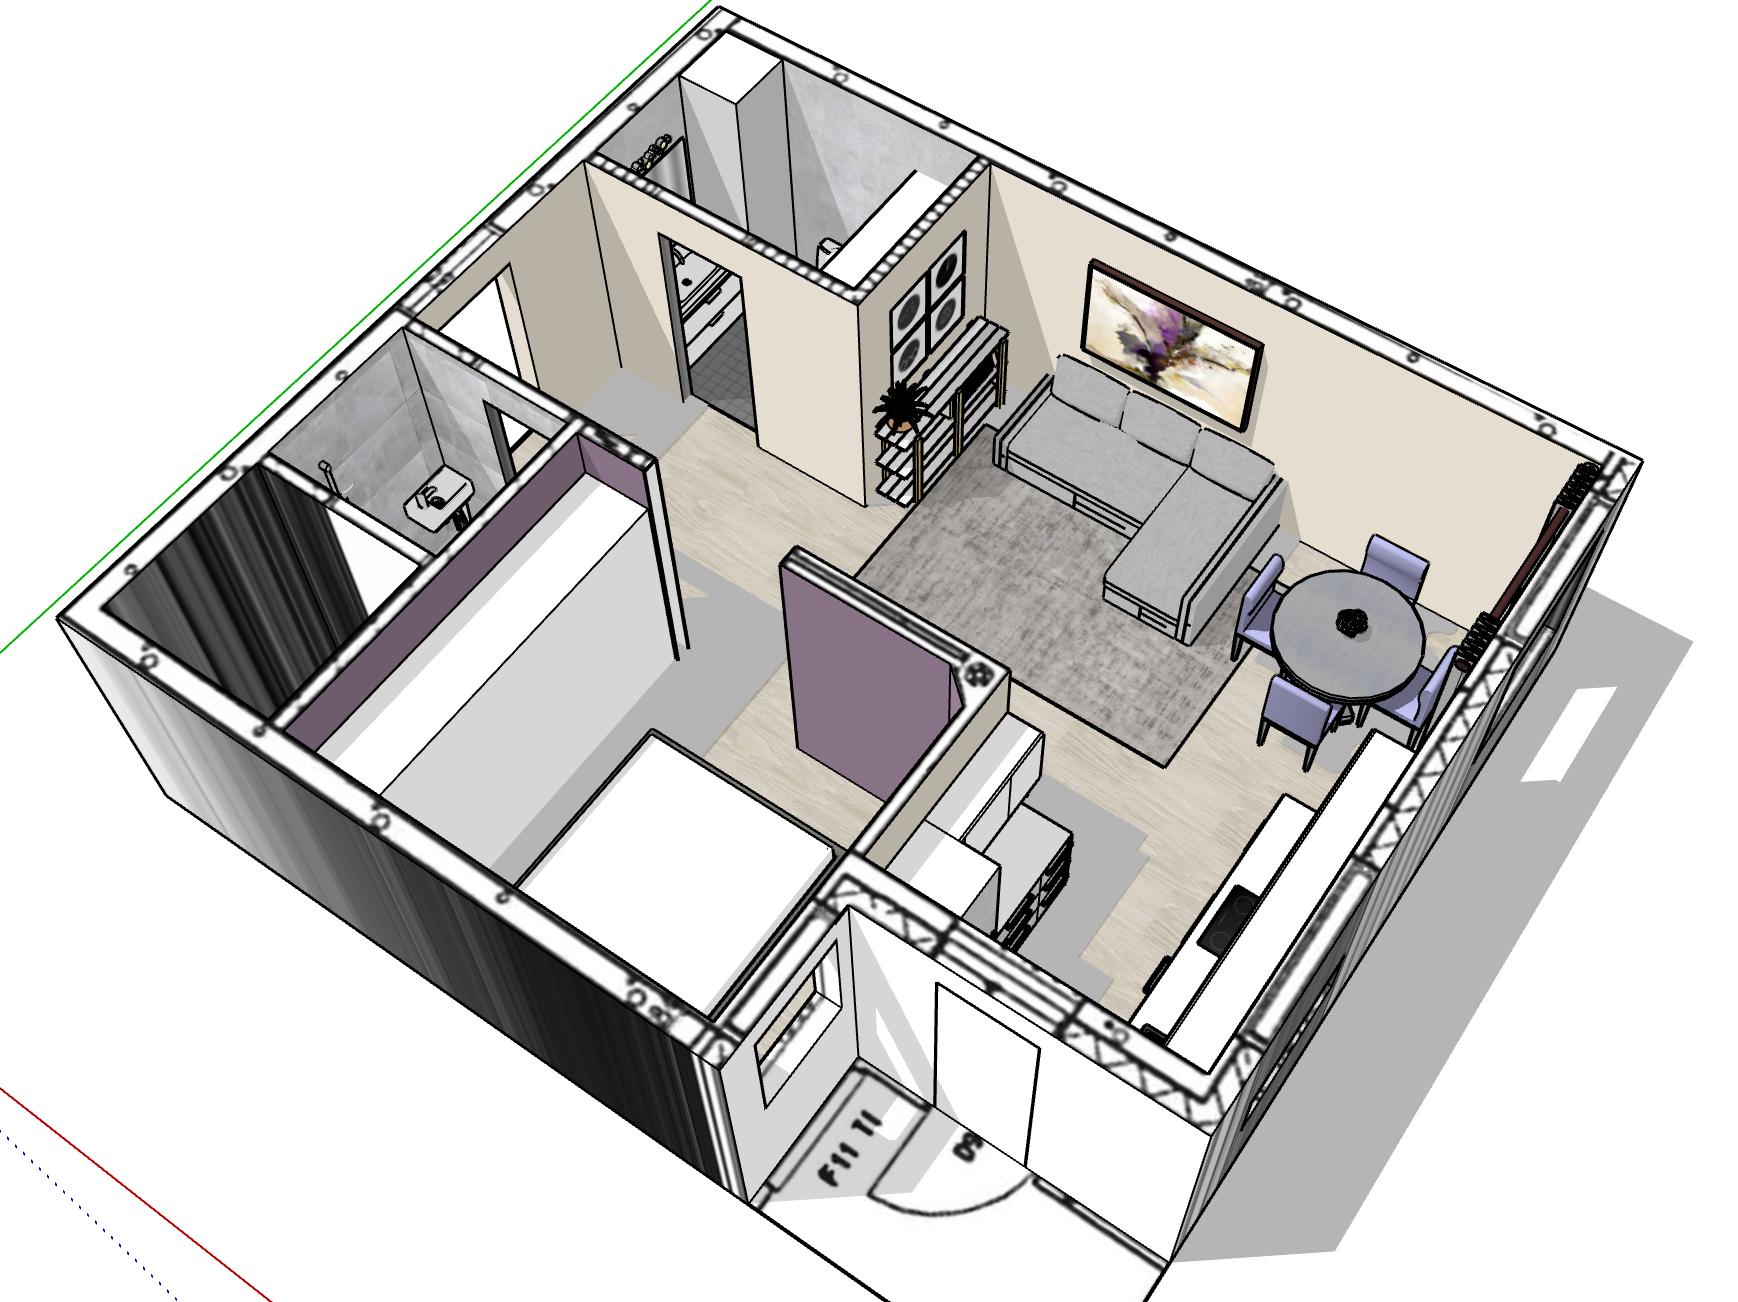 3D luonnos huoneiston pintamateriaalisuunnittelusta sekä kalustesijoittelusta.